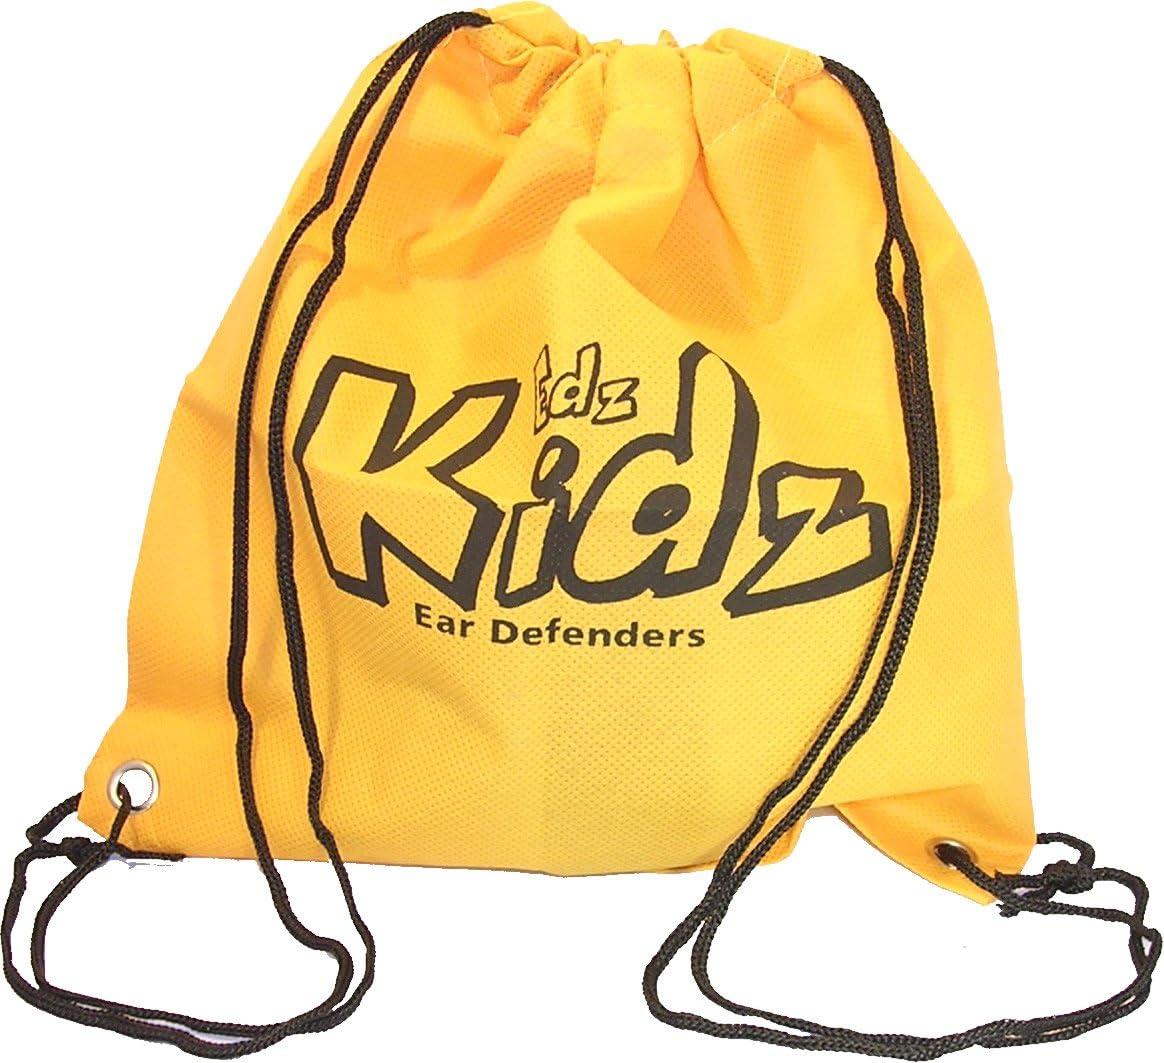 Edz Kidz Bolsa de almacenamiento para la protecci/ón auditiva del ni/ño EDZ Kidz rosa